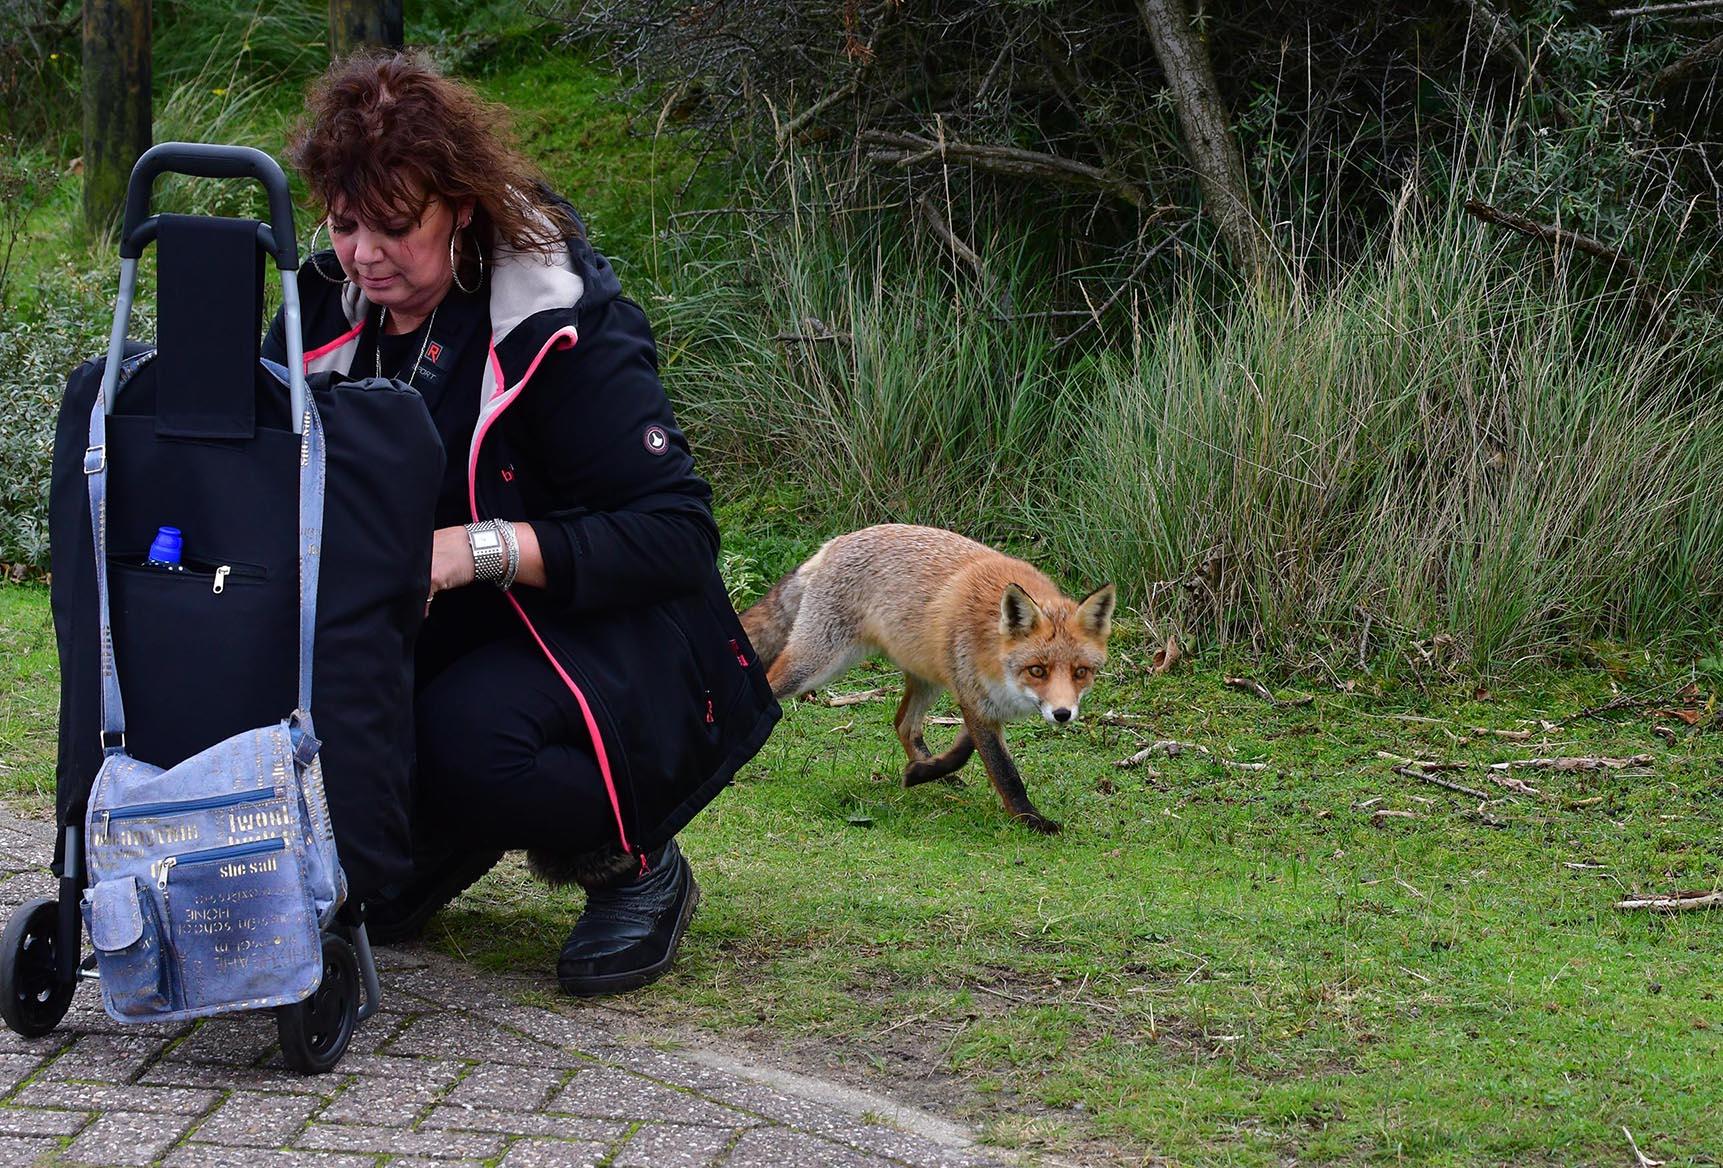 maar... de vos ziet blijkbaar iets anders - Foto's: ©Louis Fraanje